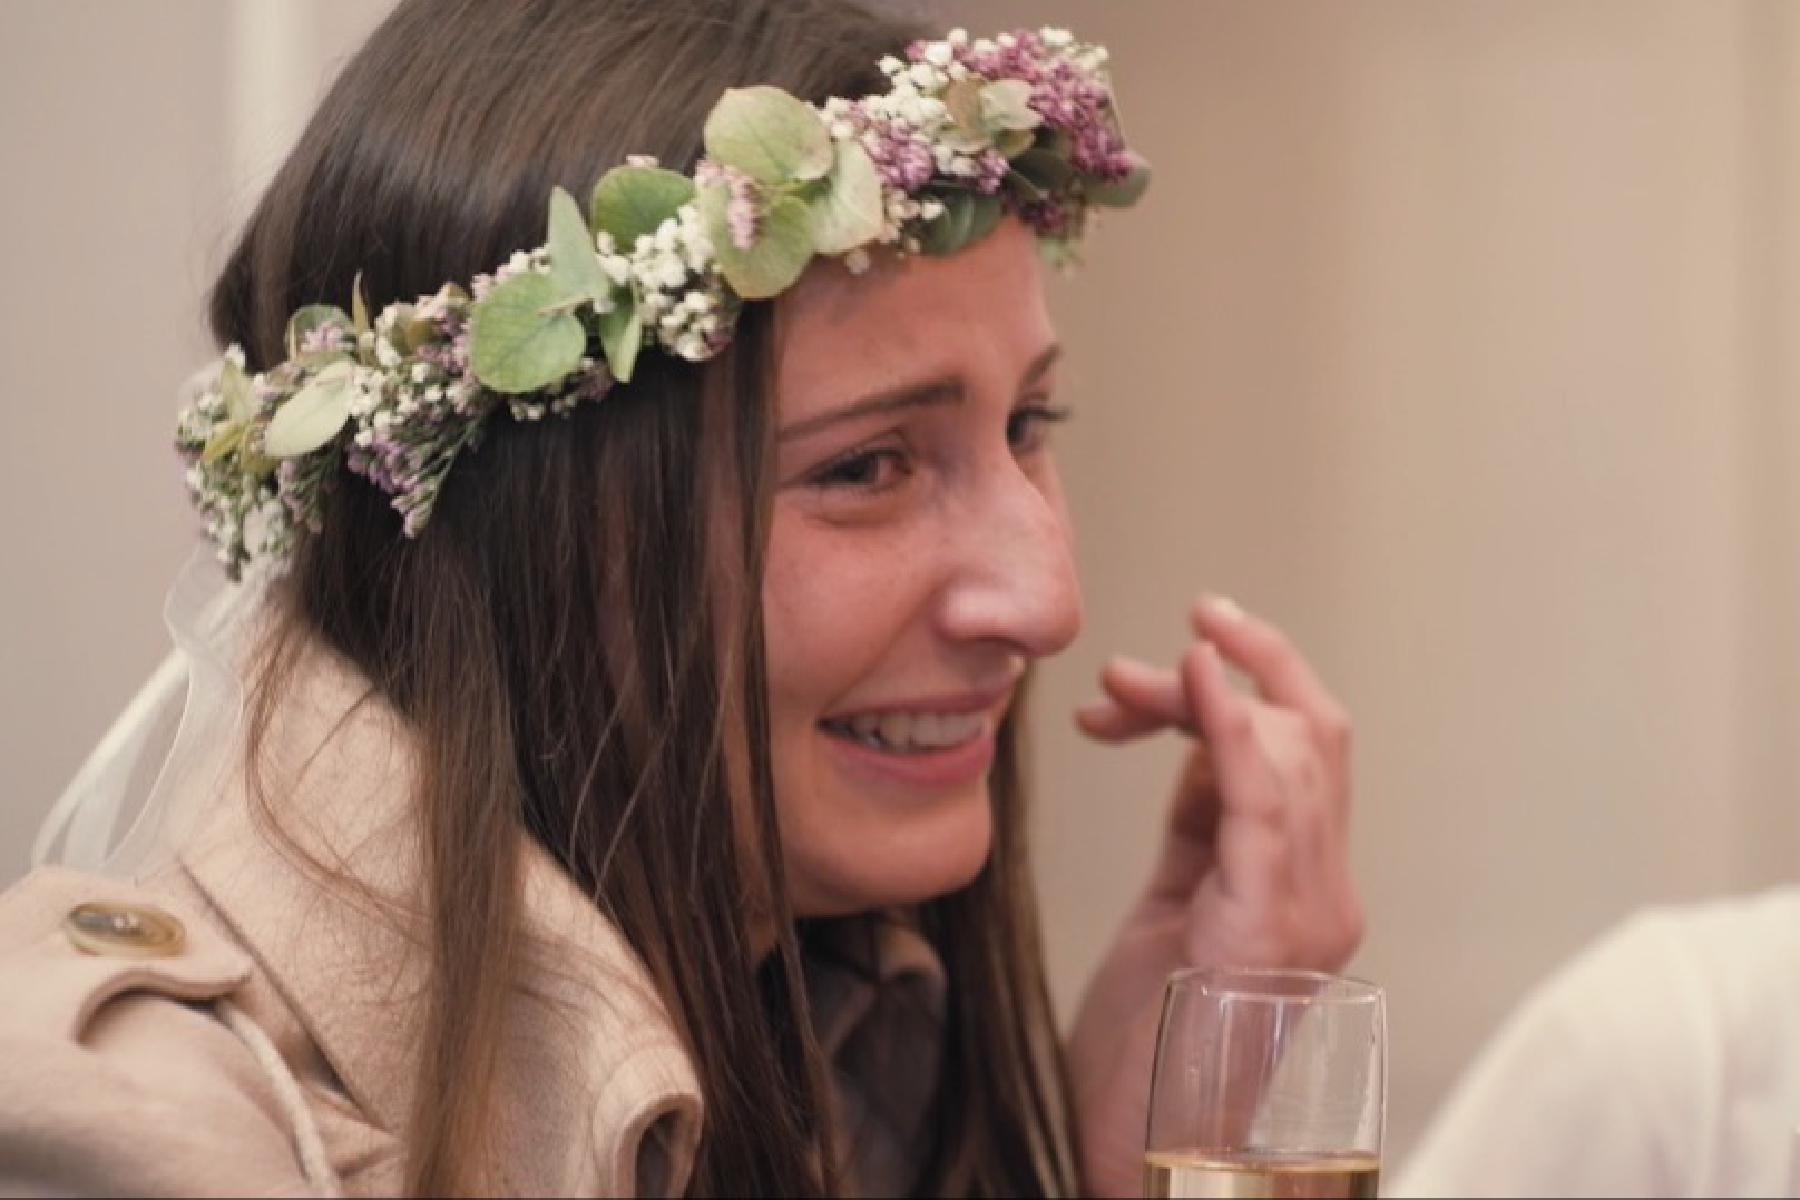 Braut lächelt weinend mit Blumenkranz und Sektglas